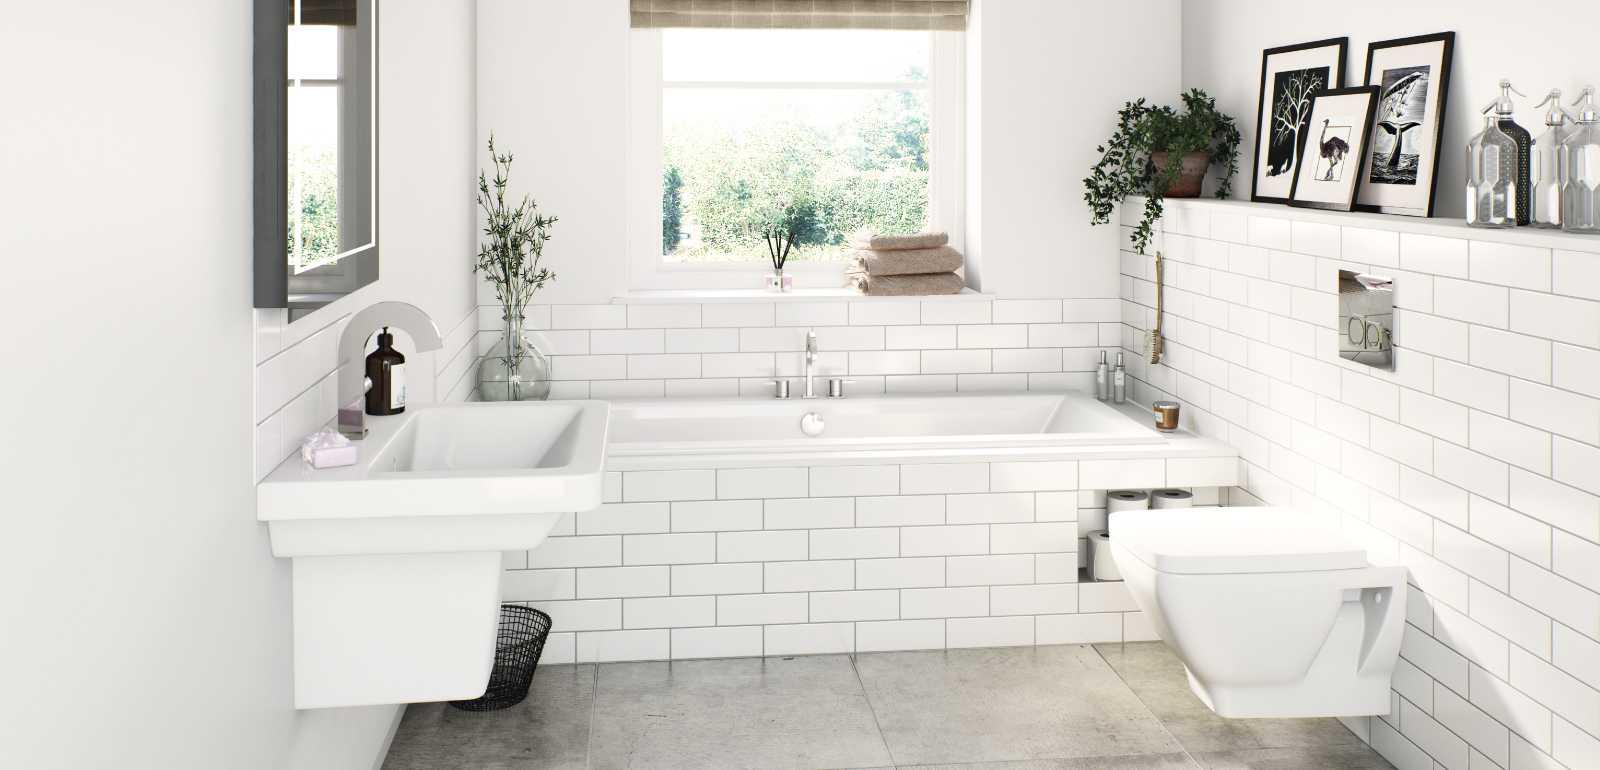 Banyo ve Duşakabin Temizliği Nasıl Yapılmalı?